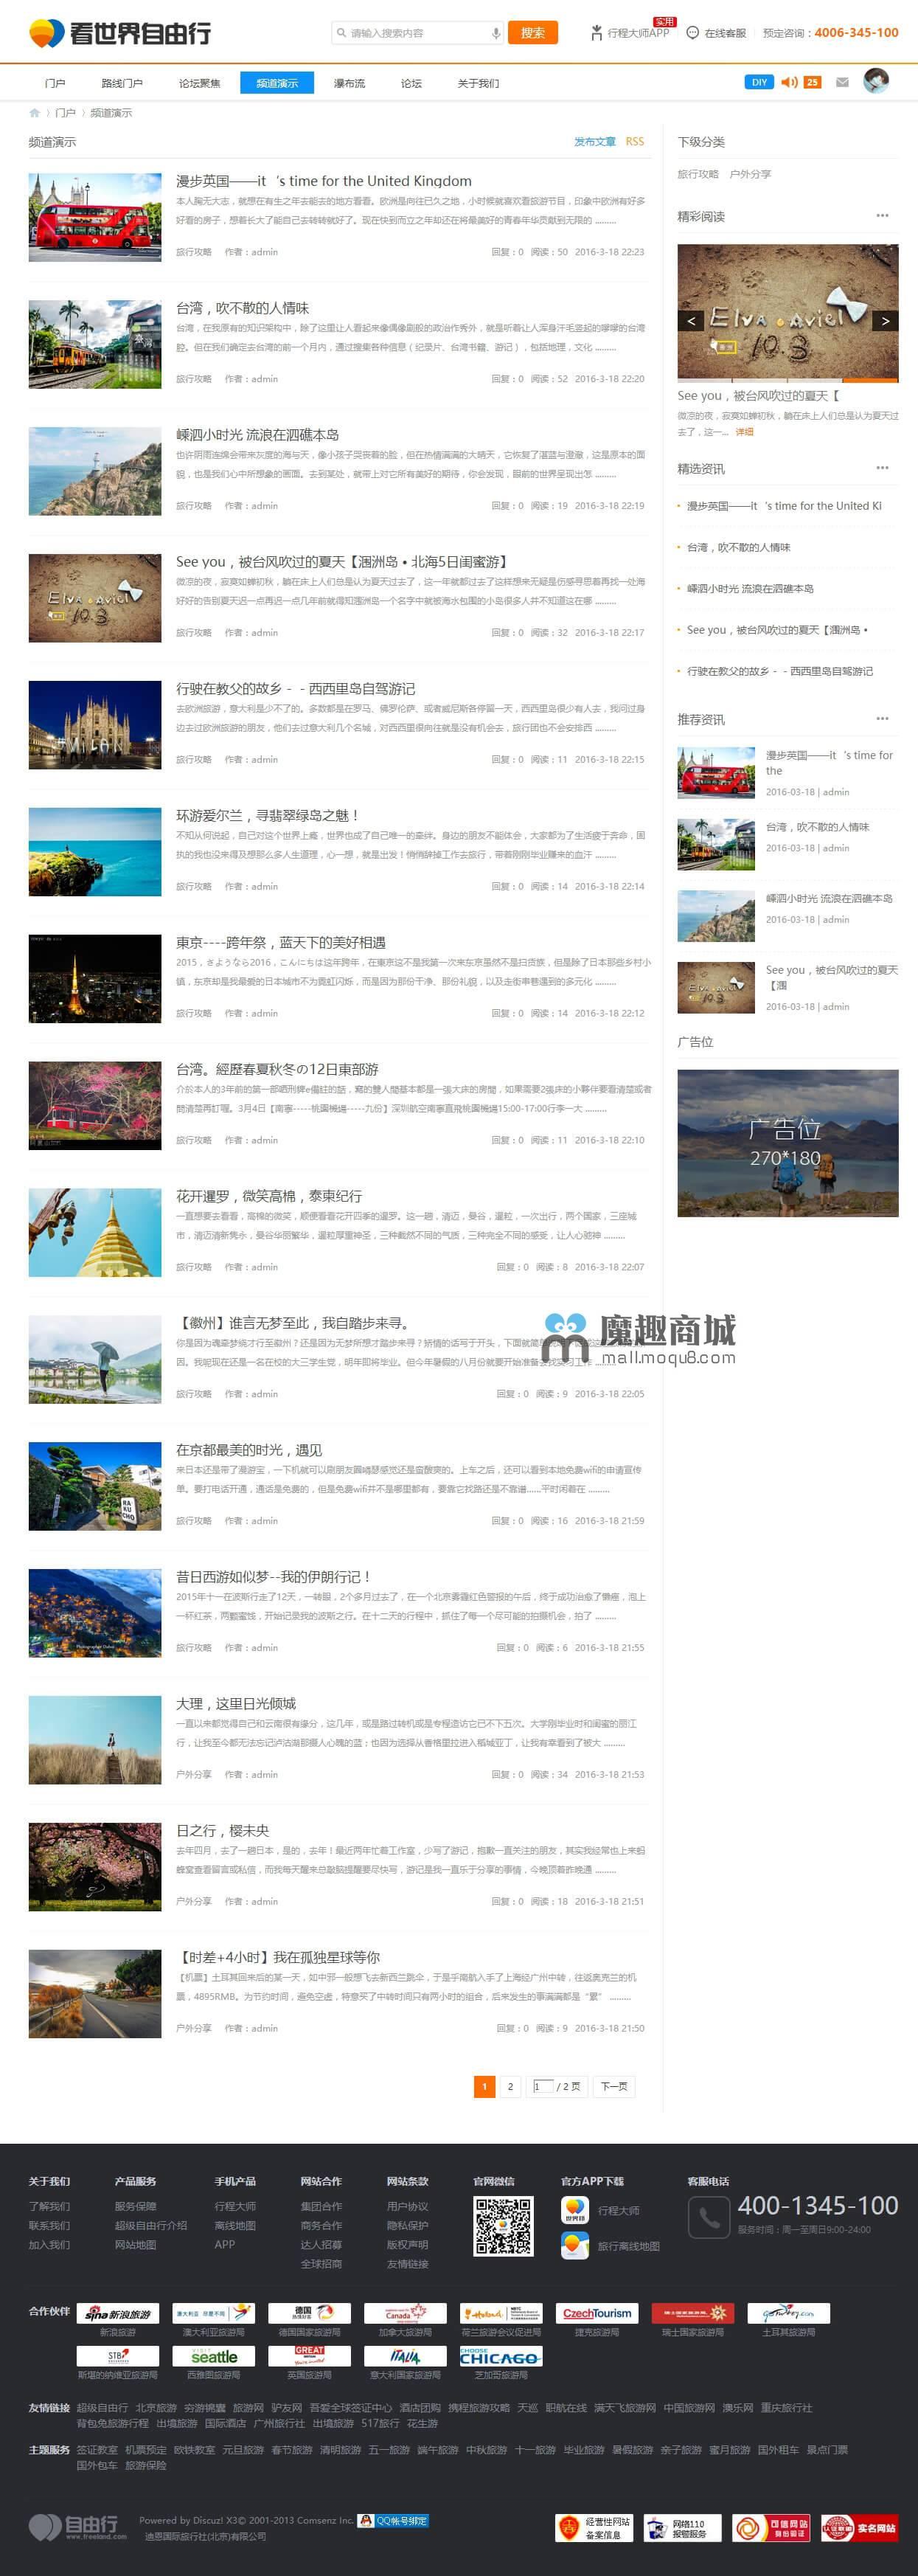 我要看世界/户外旅行/景点展示模板